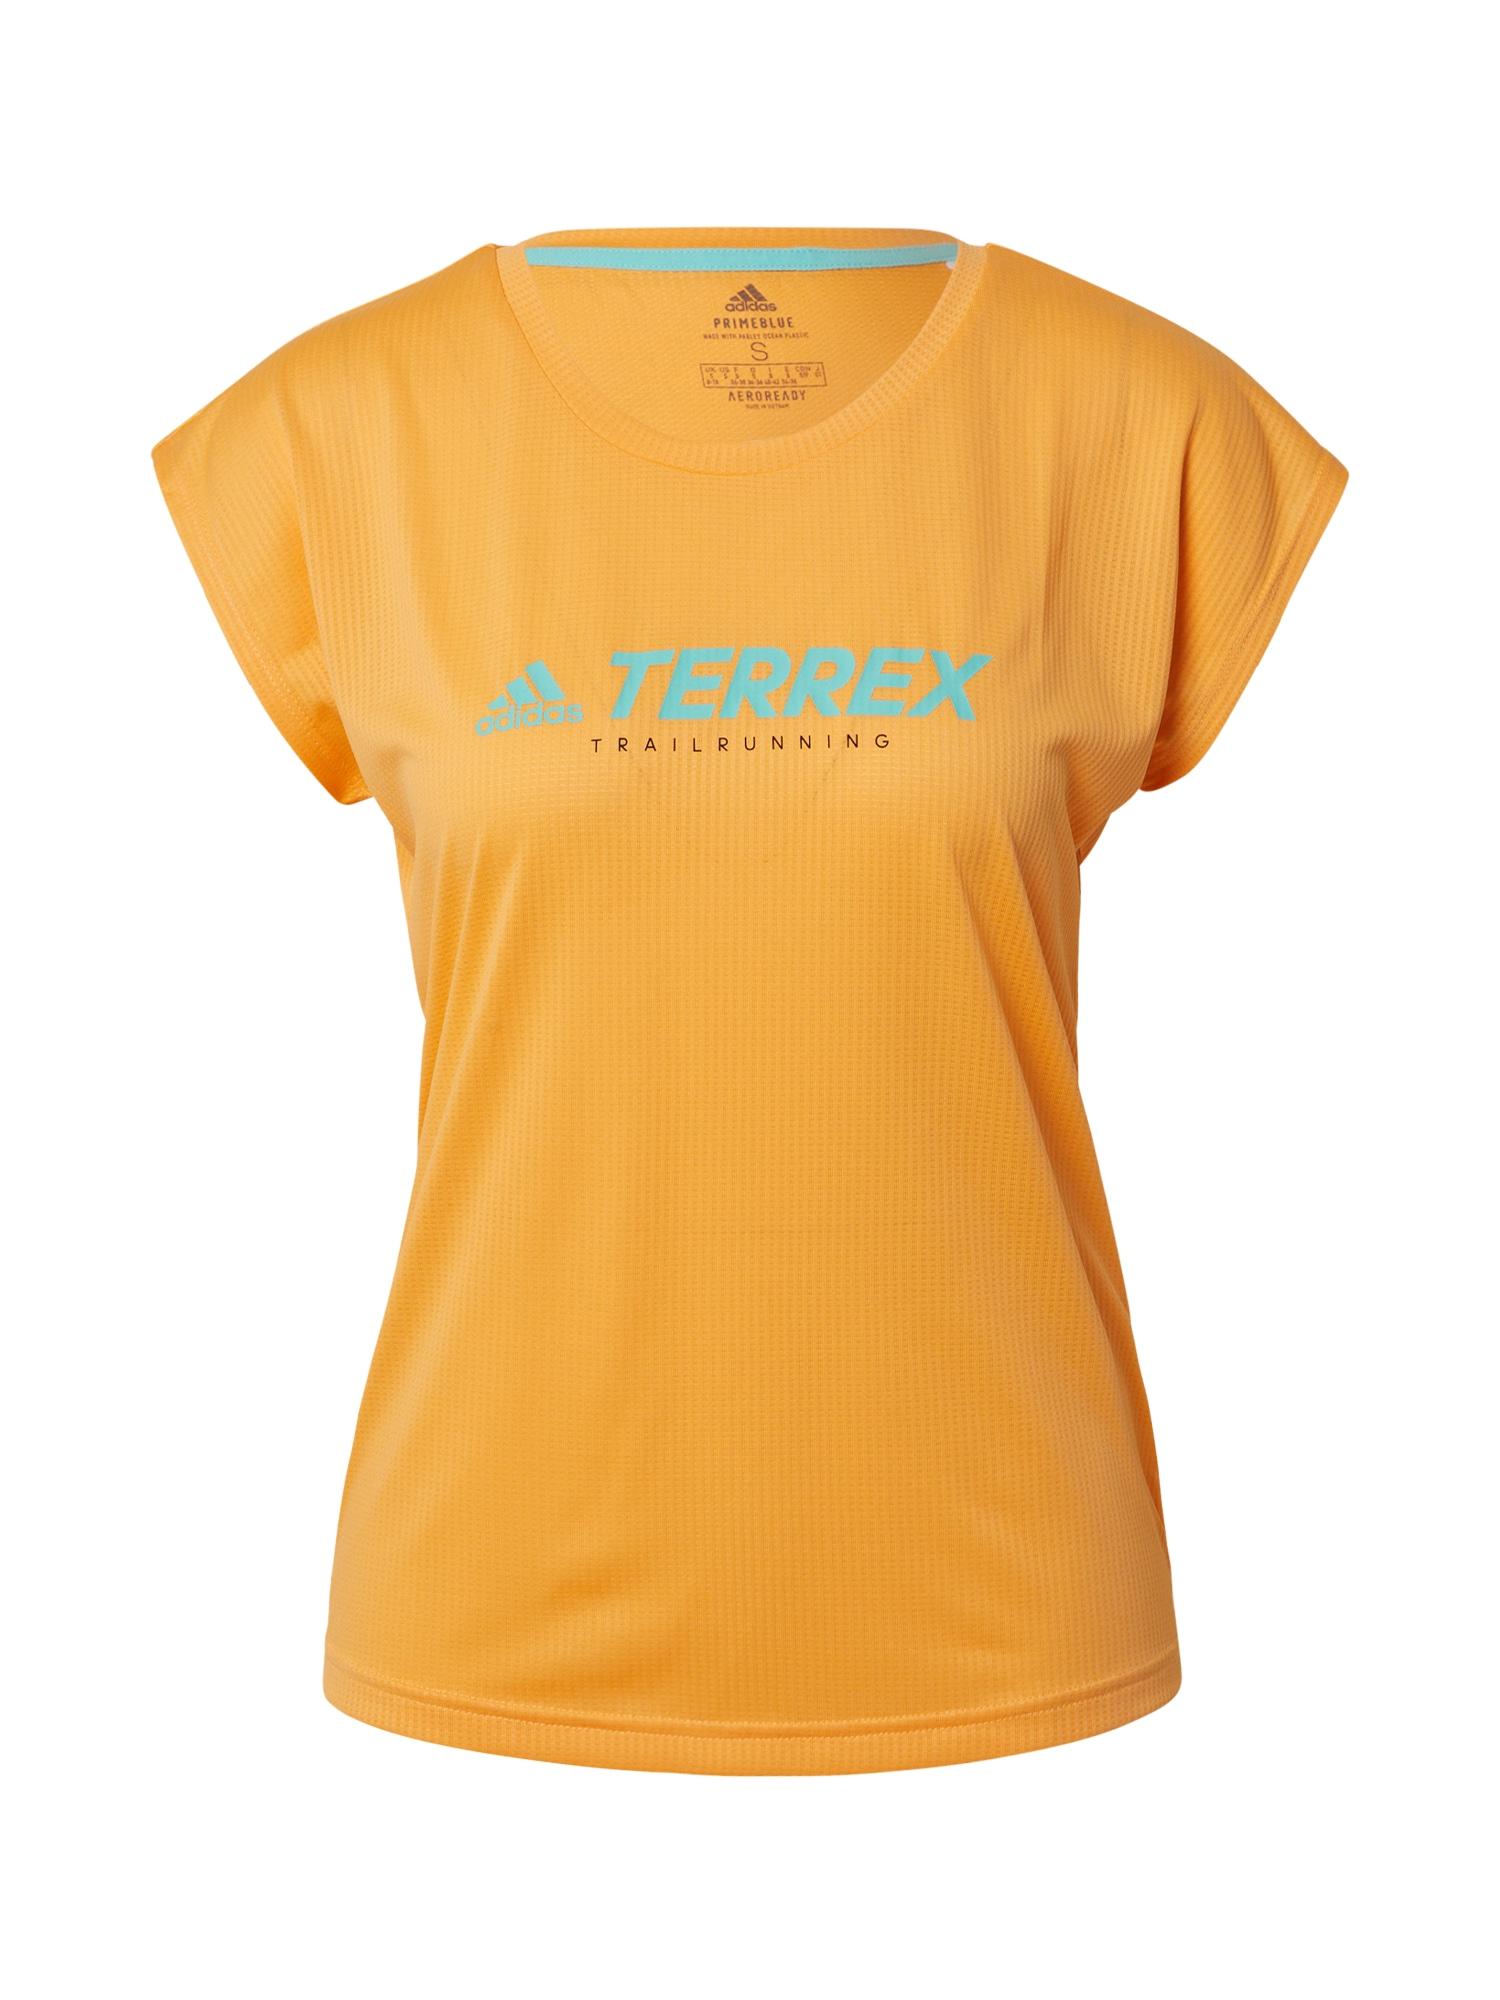 ADIDAS PERFORMANCE Sportiniai marškinėliai oranžinė / mėtų spalva